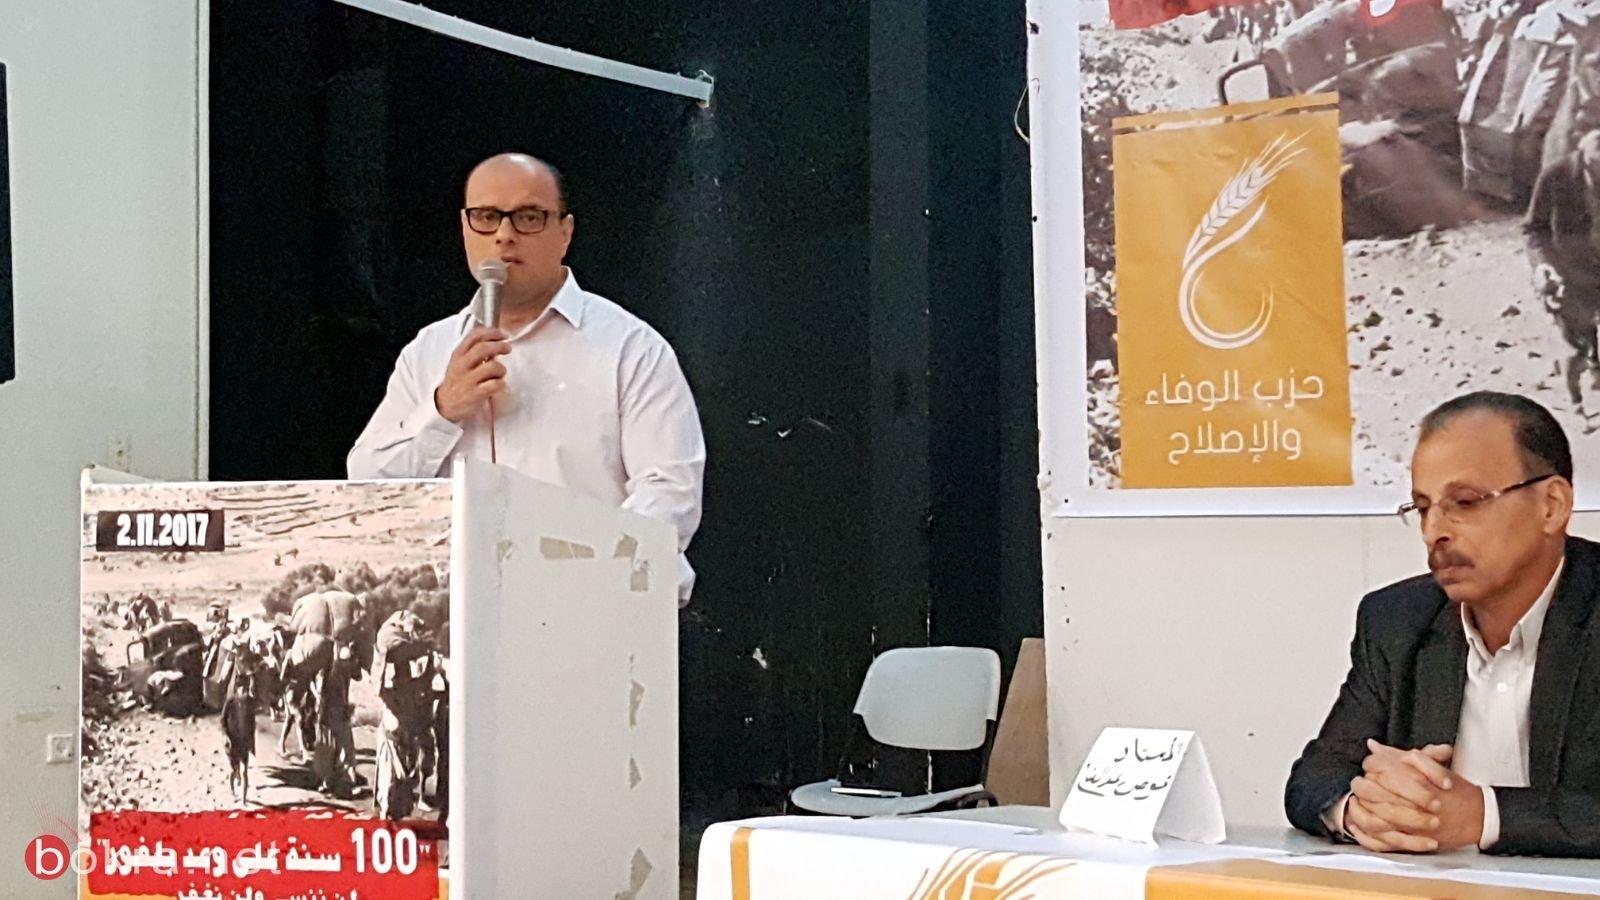 ندوة سياسية للوفاء والإصلاح في  الذكرى ال 100 لوعد بلفور